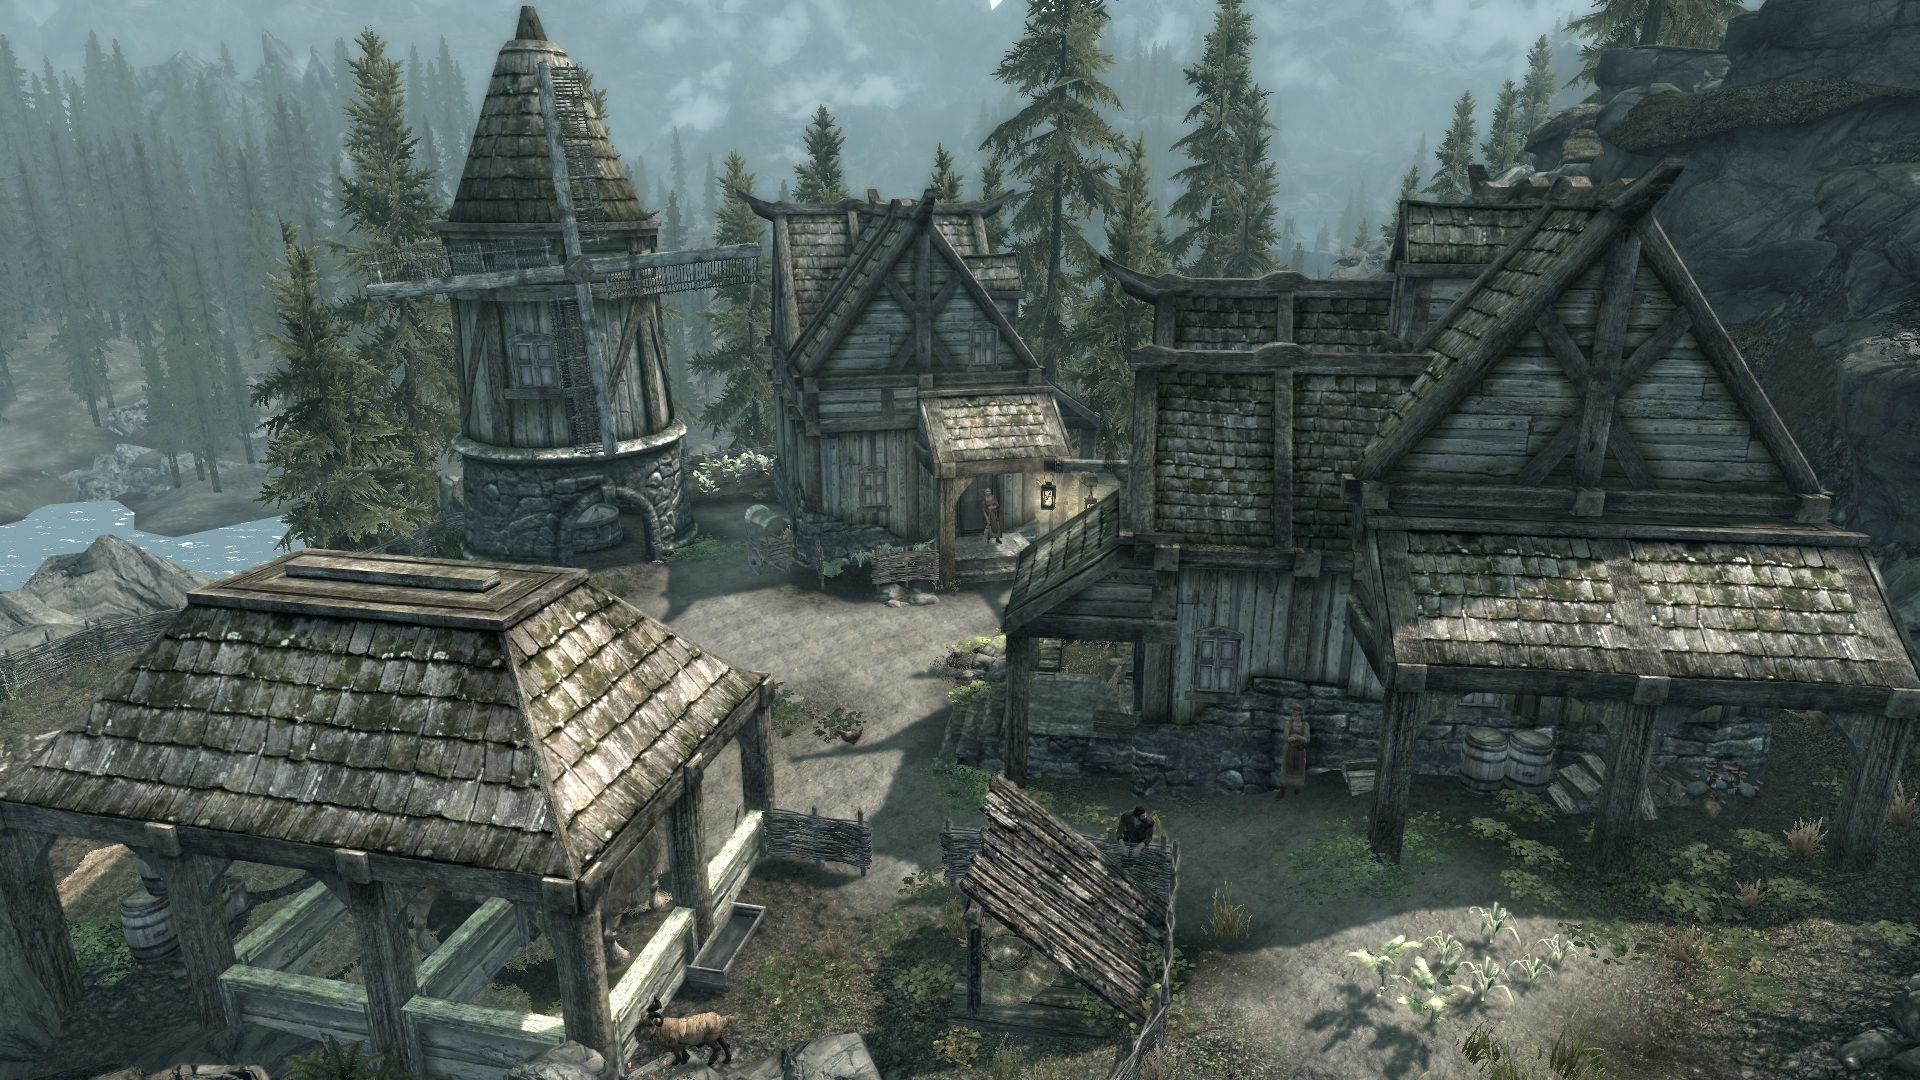 35b5af60914980b287683fe70efd48d1 - How To Get A House In Solitude In Skyrim